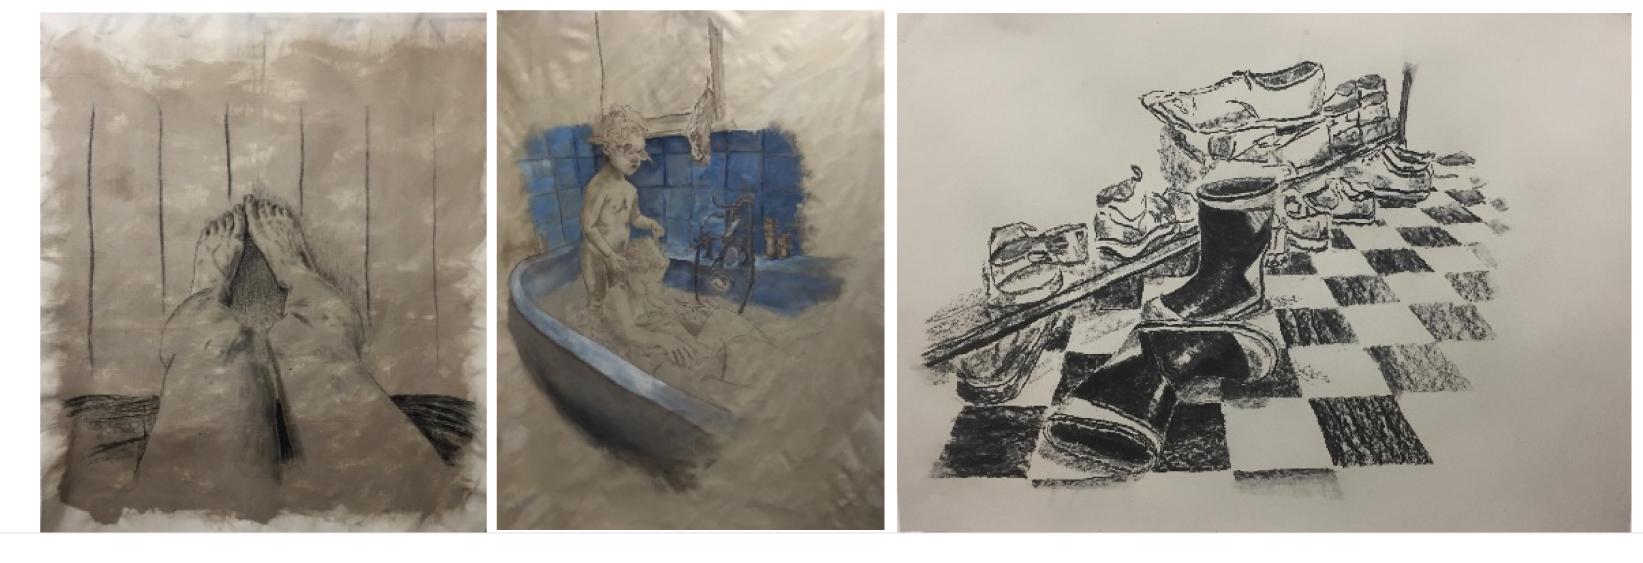 Image Anna's Work